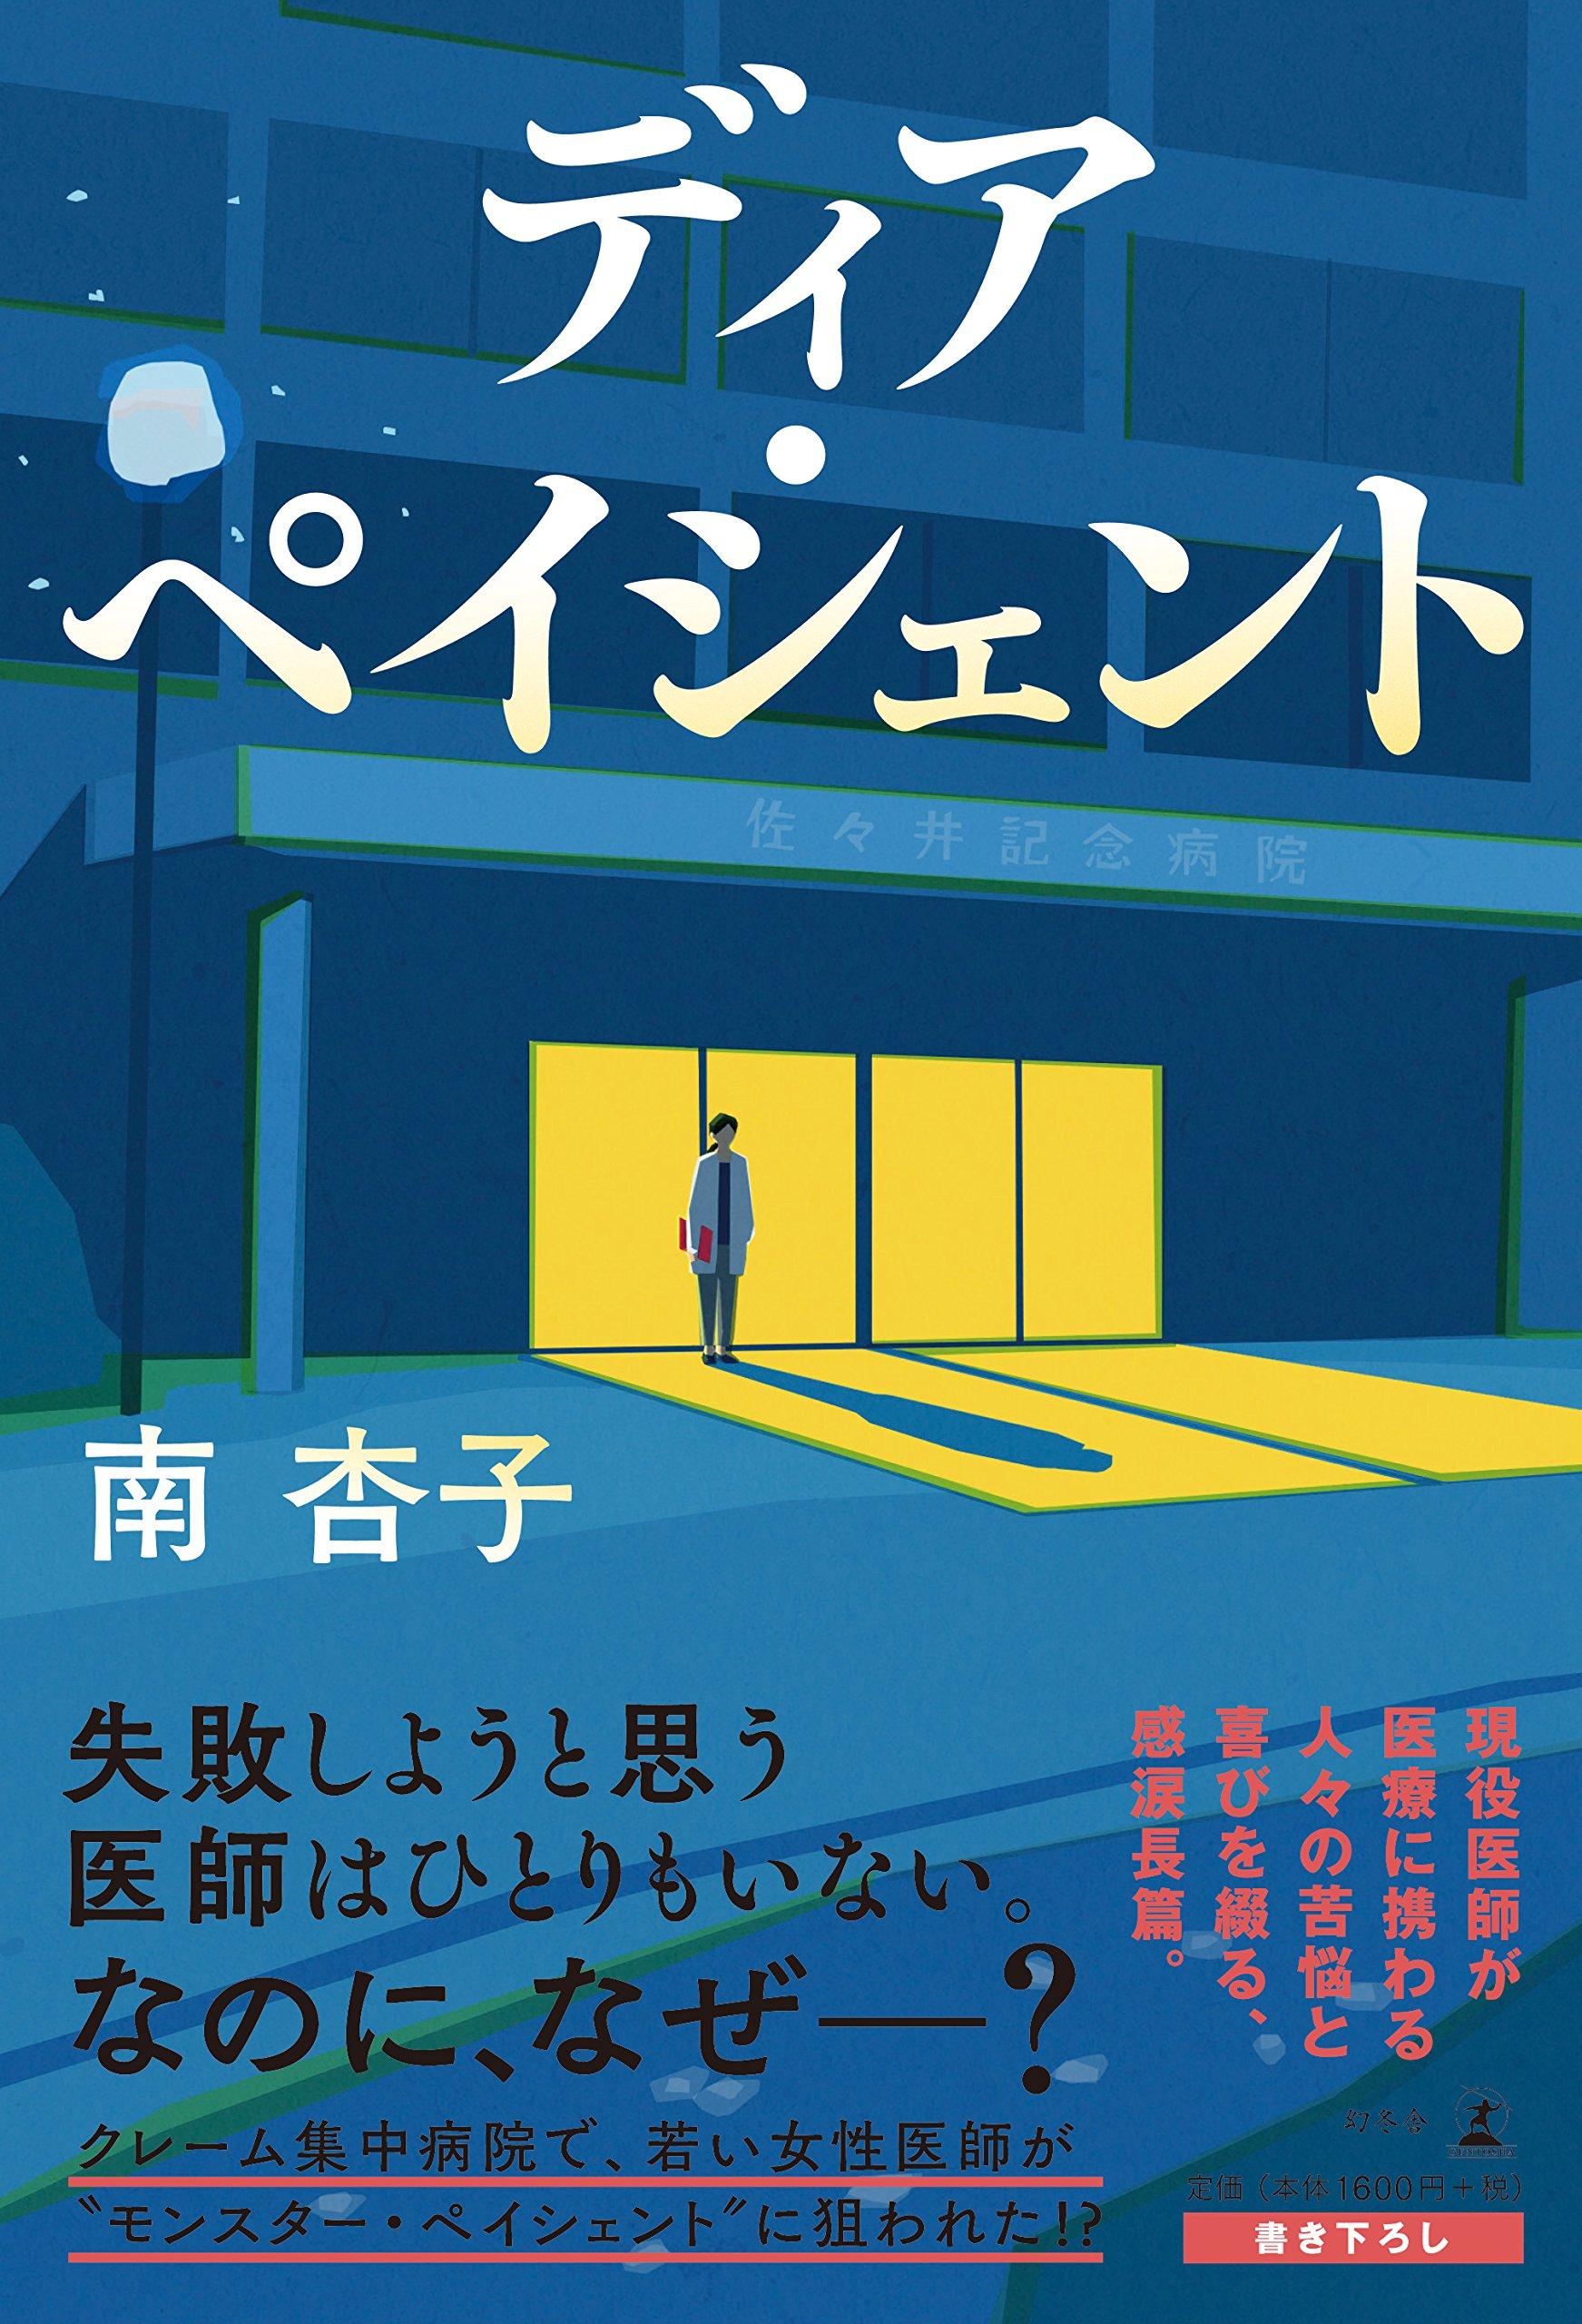 「ディア・ペイシェント」あらすじネタバレ!NHKドラマの最終回結末と原作の違いは?